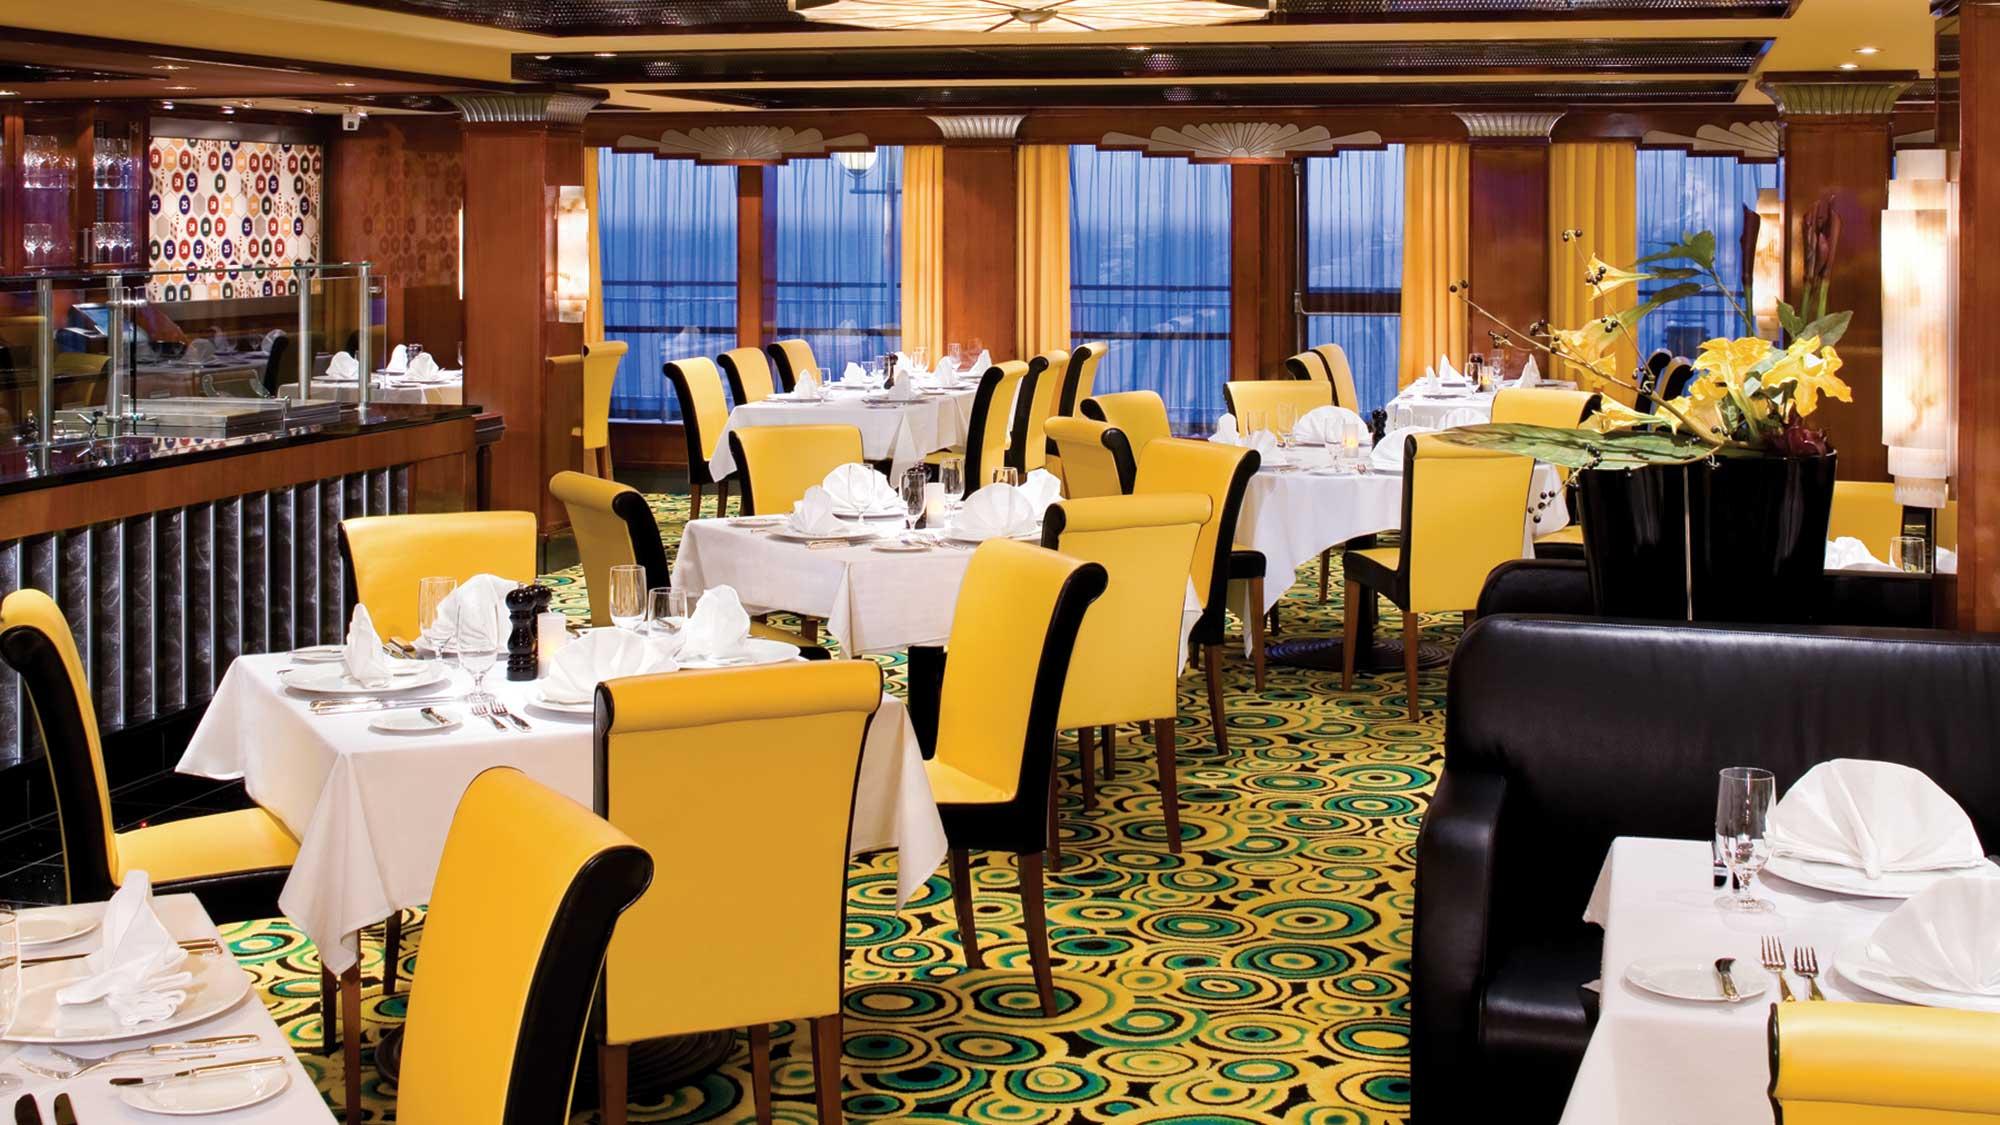 Cagney S Steakhouse An Alternative Restaurant On Norwegian Ships